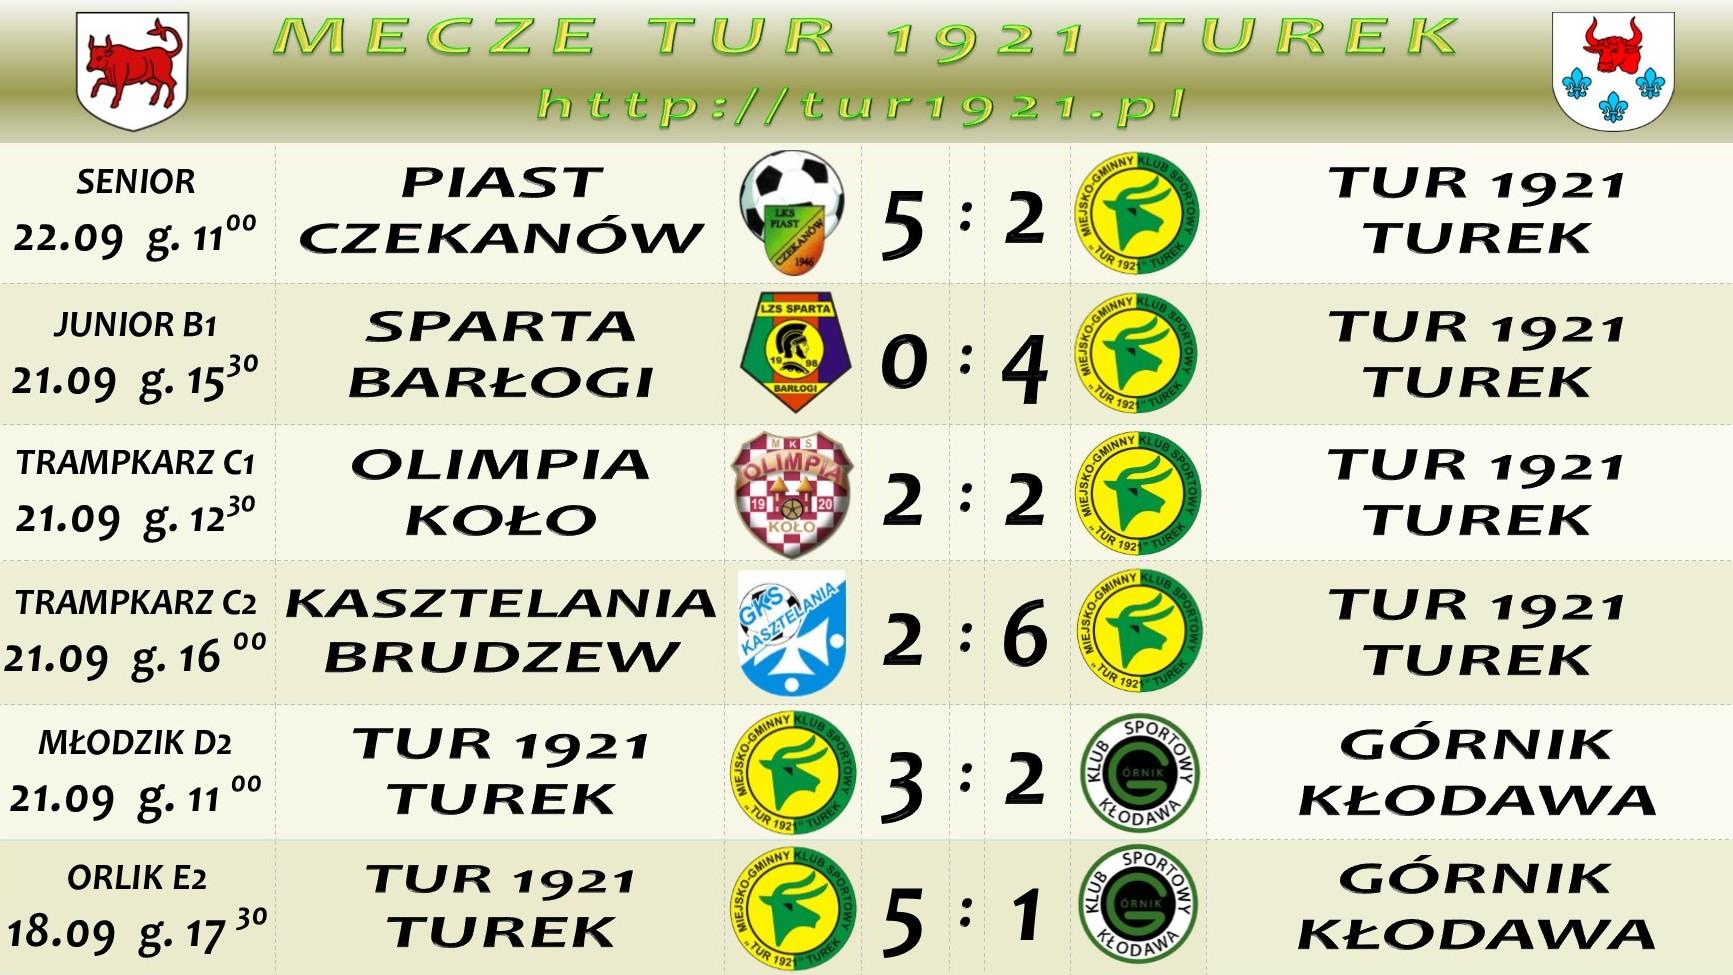 Mecze drużyn Tur 1921 Turek- komplet wyników